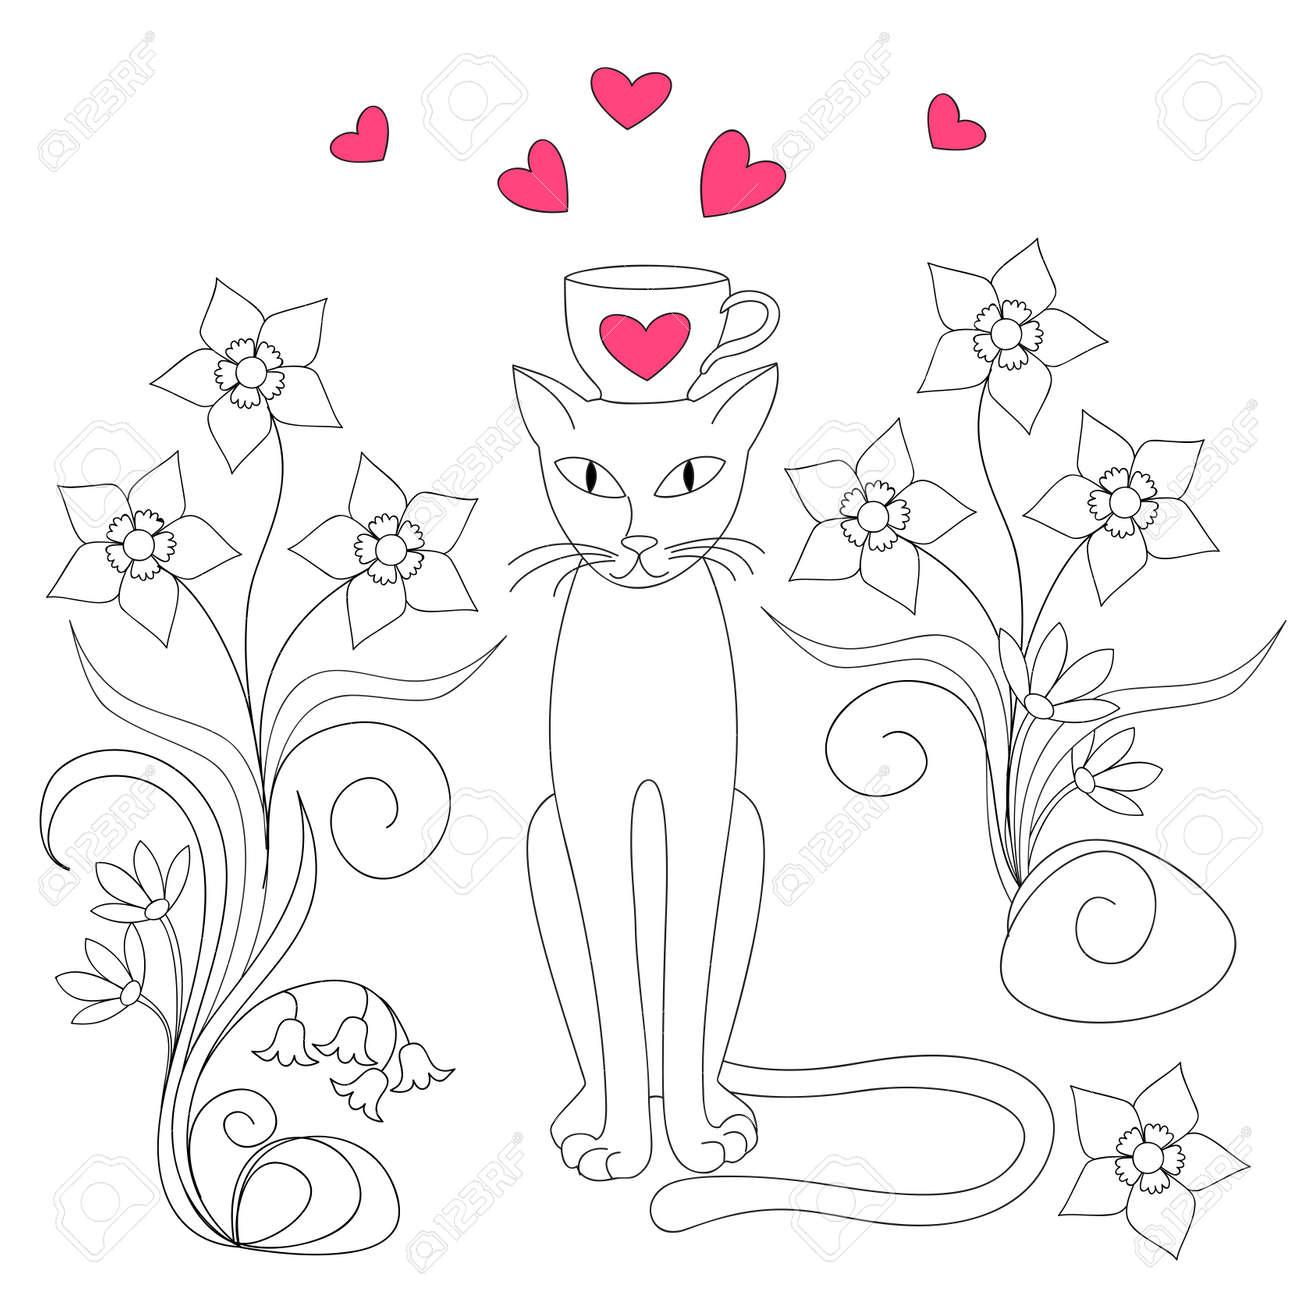 Coloriage Chat Avec Des Fleurs.Chat De Bande Dessinee Avec Tasse Des Fleurs Et Des Coeurs Pour La